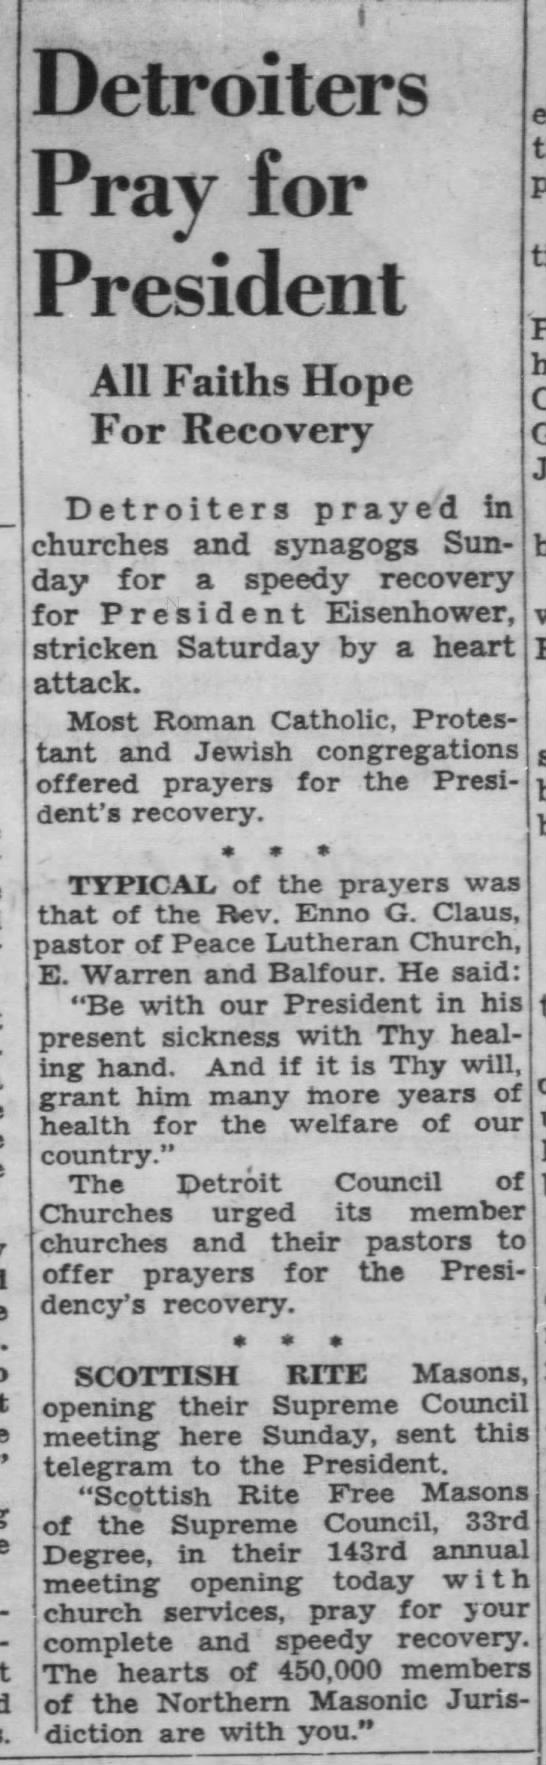 Detroiters Pray for President -